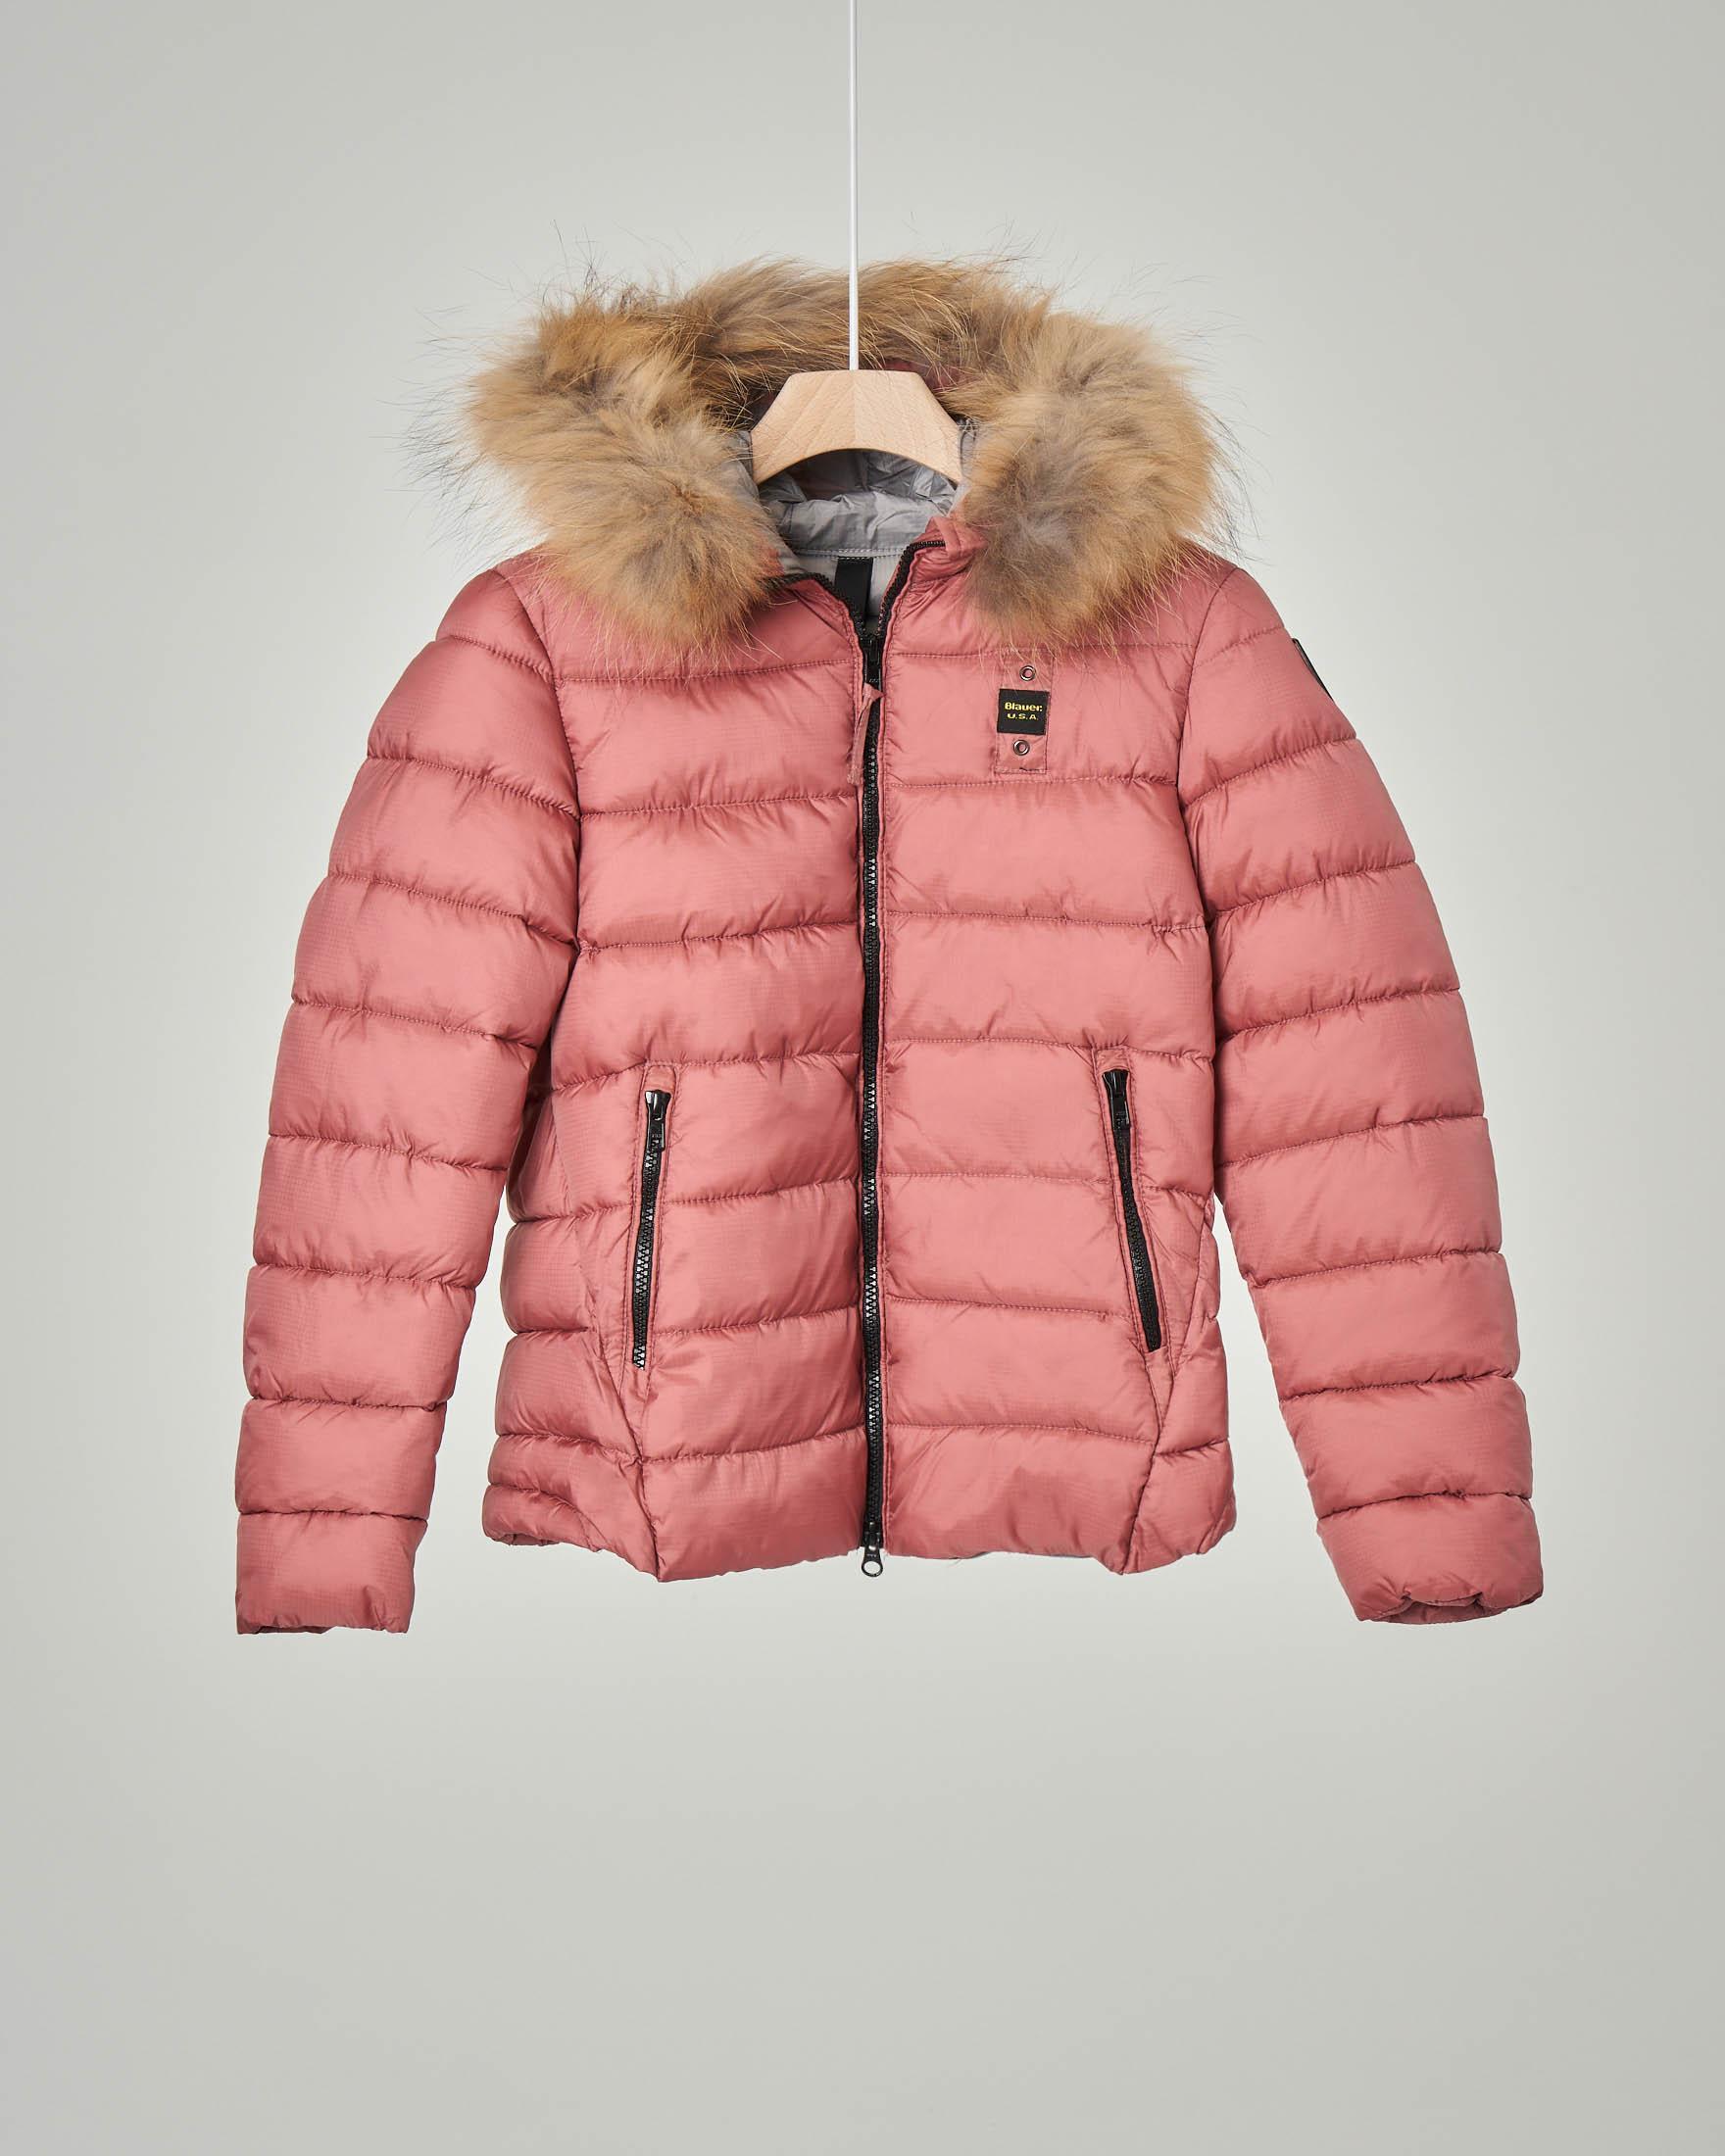 Giaccone rosa con cappuccio e pelliccia staccabile 10-14 anni